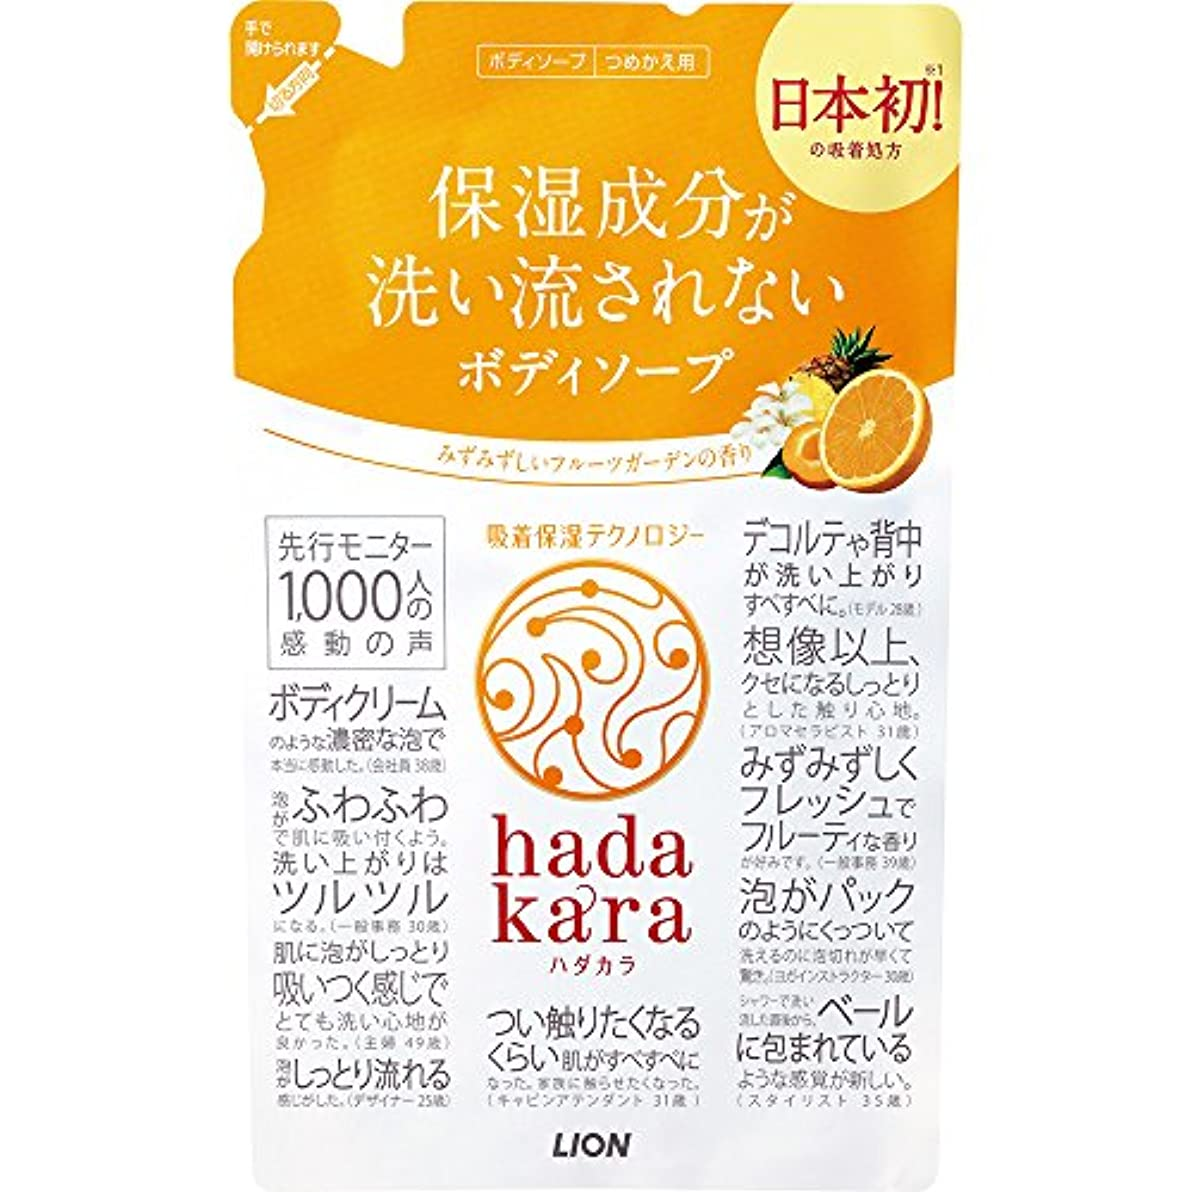 パワーセルきらめき甘美なhadakara(ハダカラ) ボディソープ フルーツガーデンの香り 詰め替え 360ml